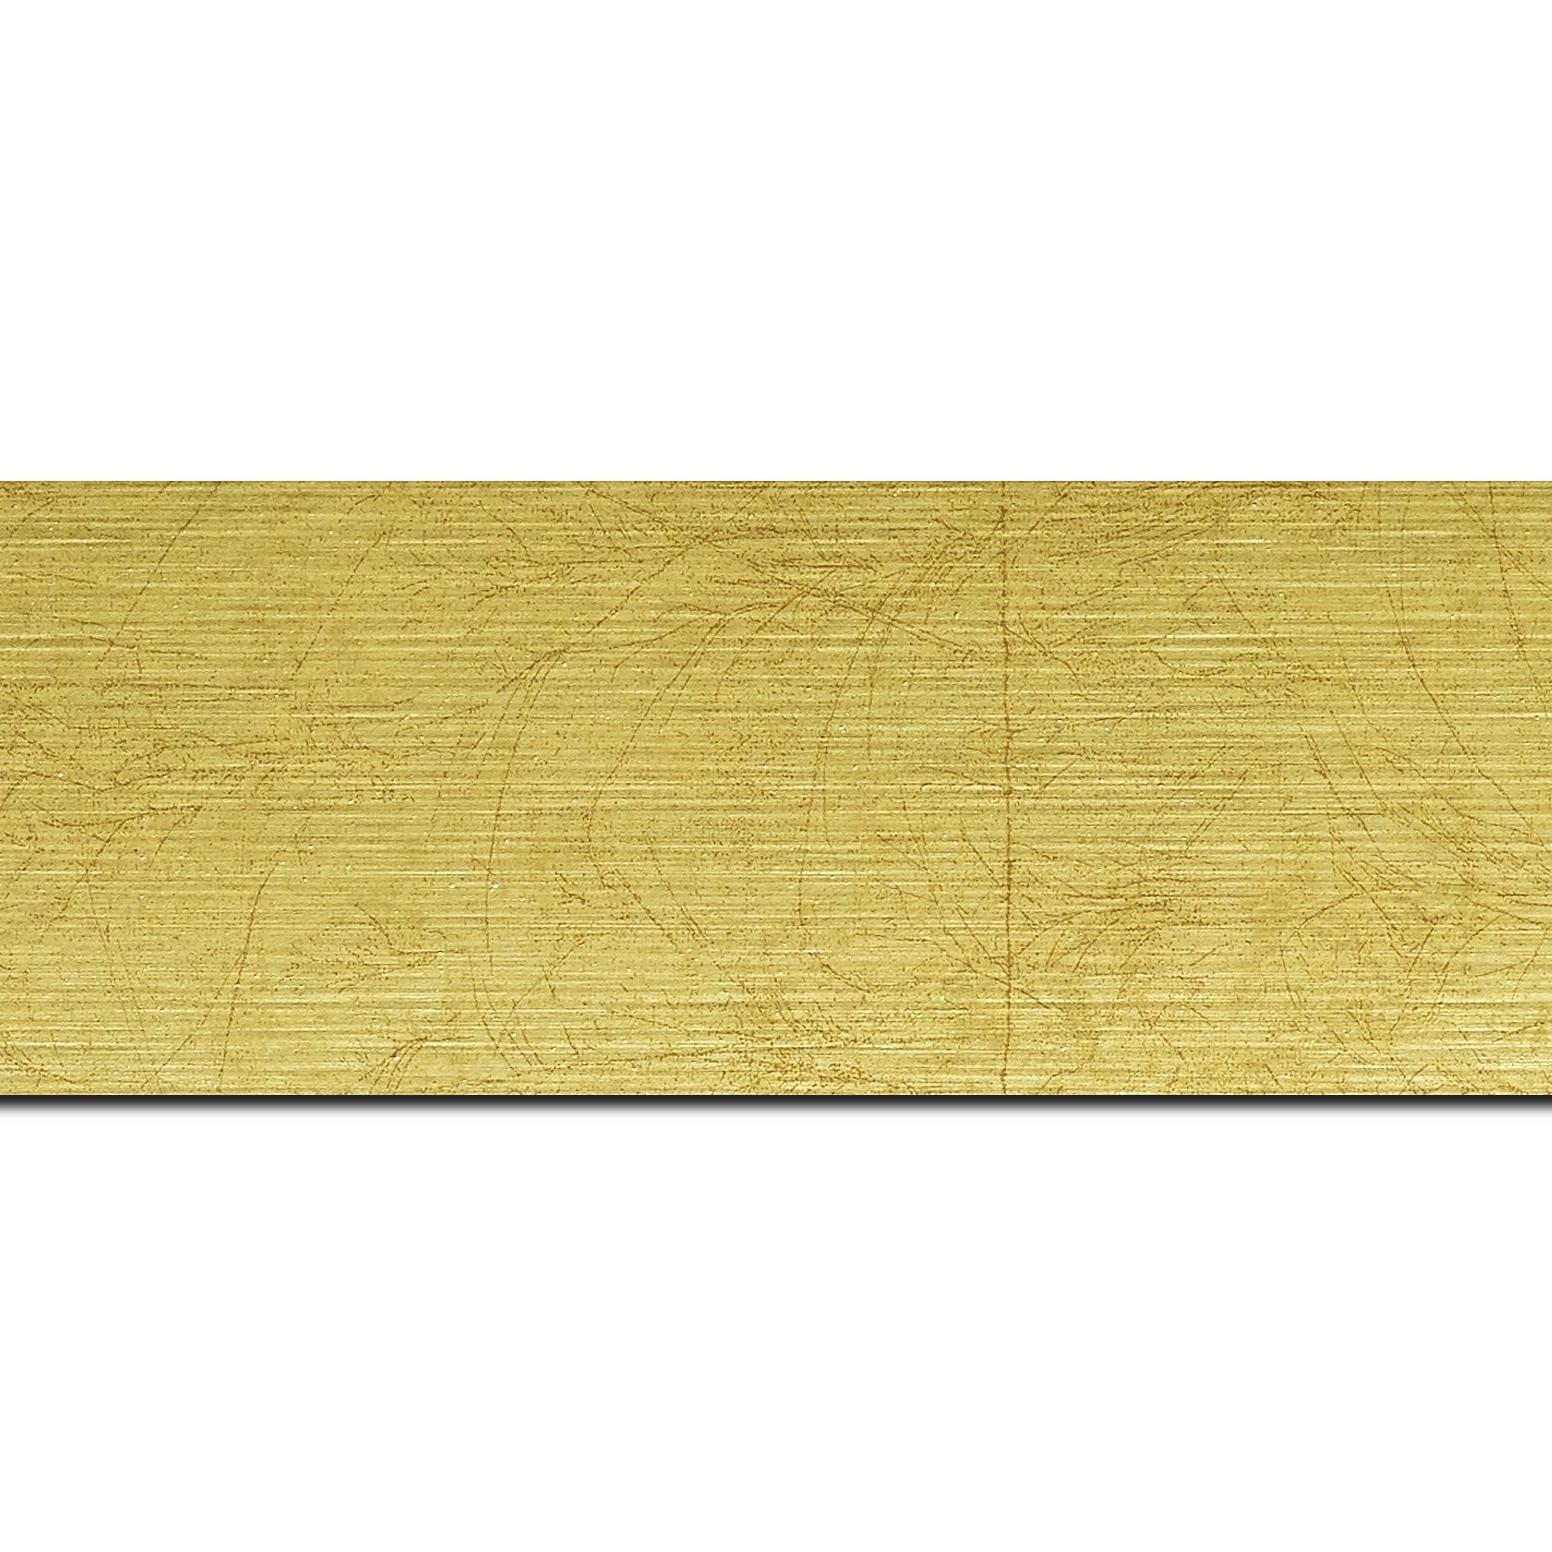 Baguette longueur 1.40m bois profil plat largeur 5.9cm or effet marbré